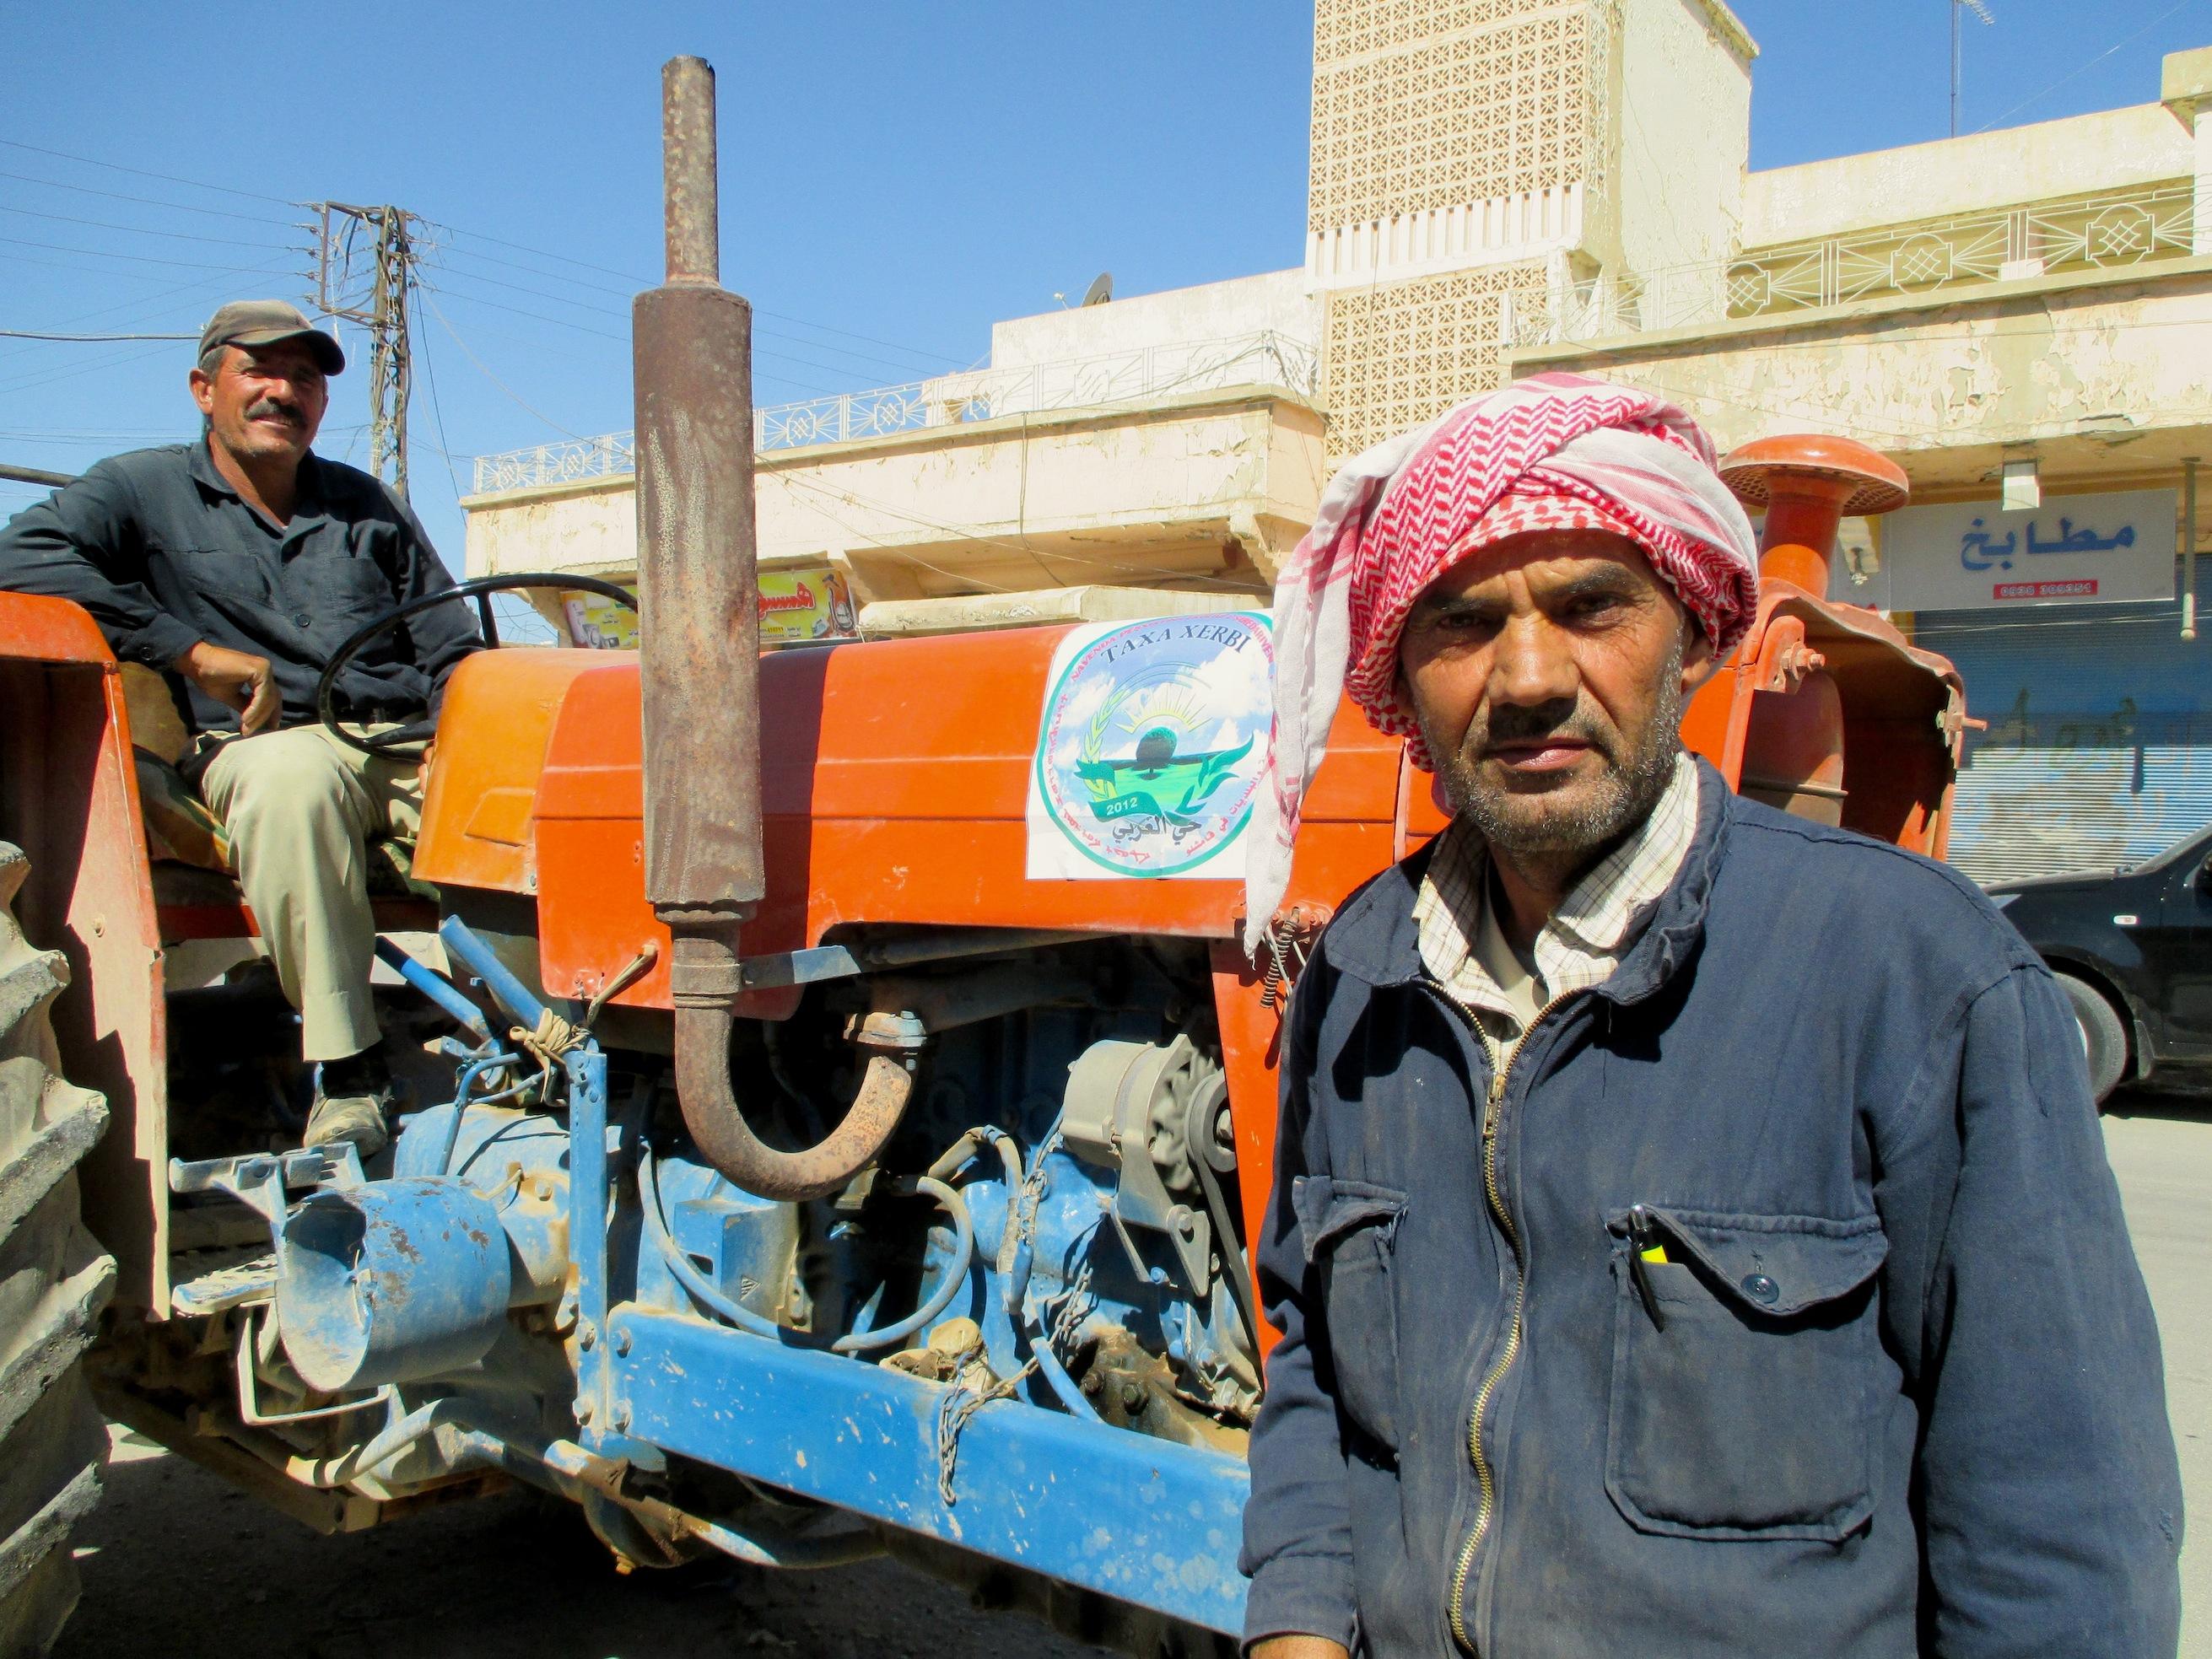 La recogida de basura es de las muchas labores del autogobierno democrático en los tres cantones bajo mayoría kurda, situados en el norte de Siria. Crédito: Karlos Zurutuza/IPS